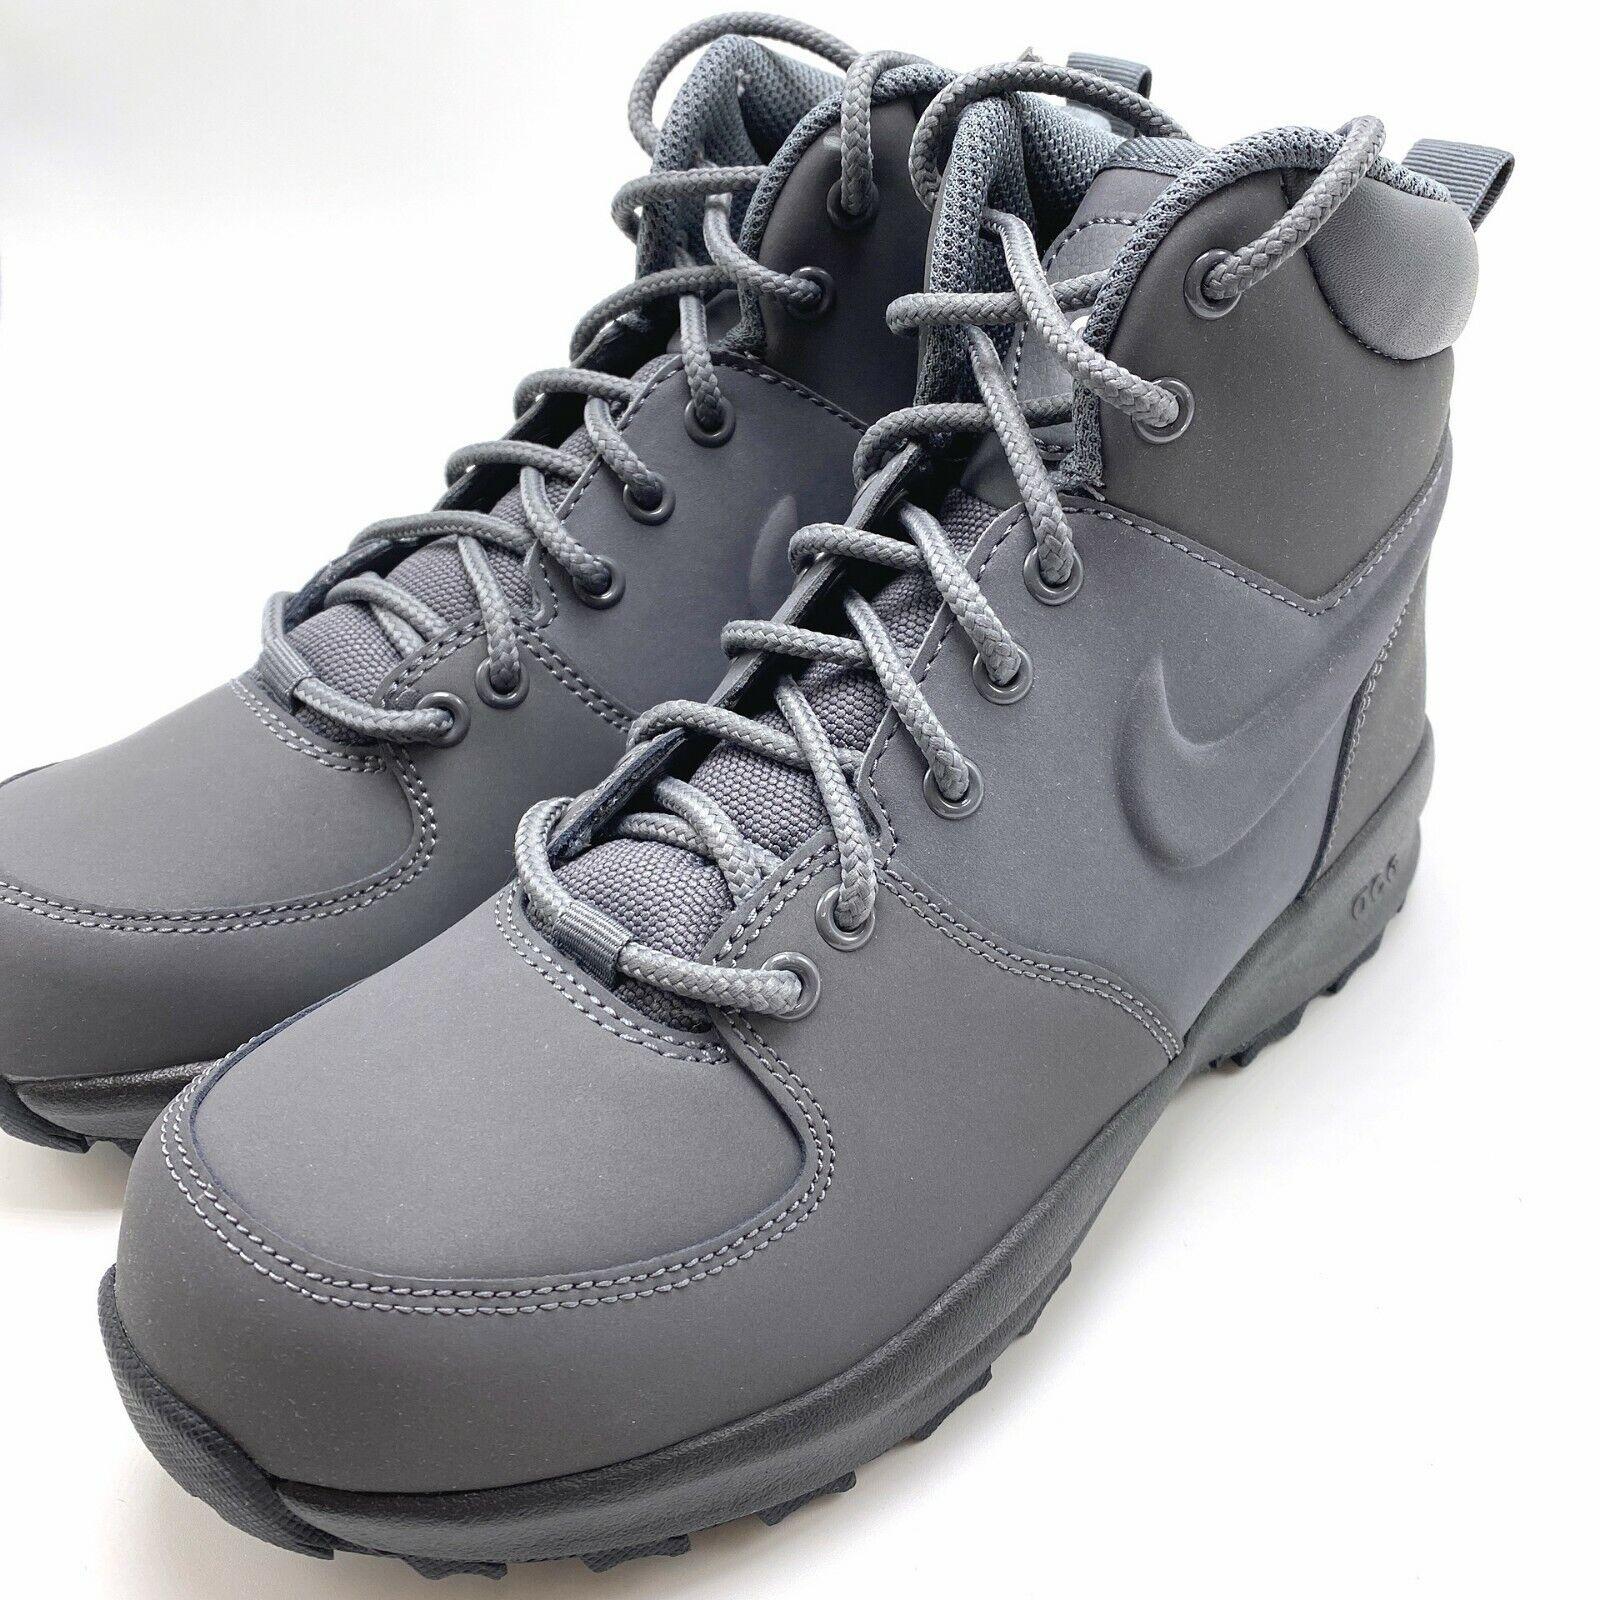 Nike Manoa Black//Black-Black GS 5.5 M US Big Kid